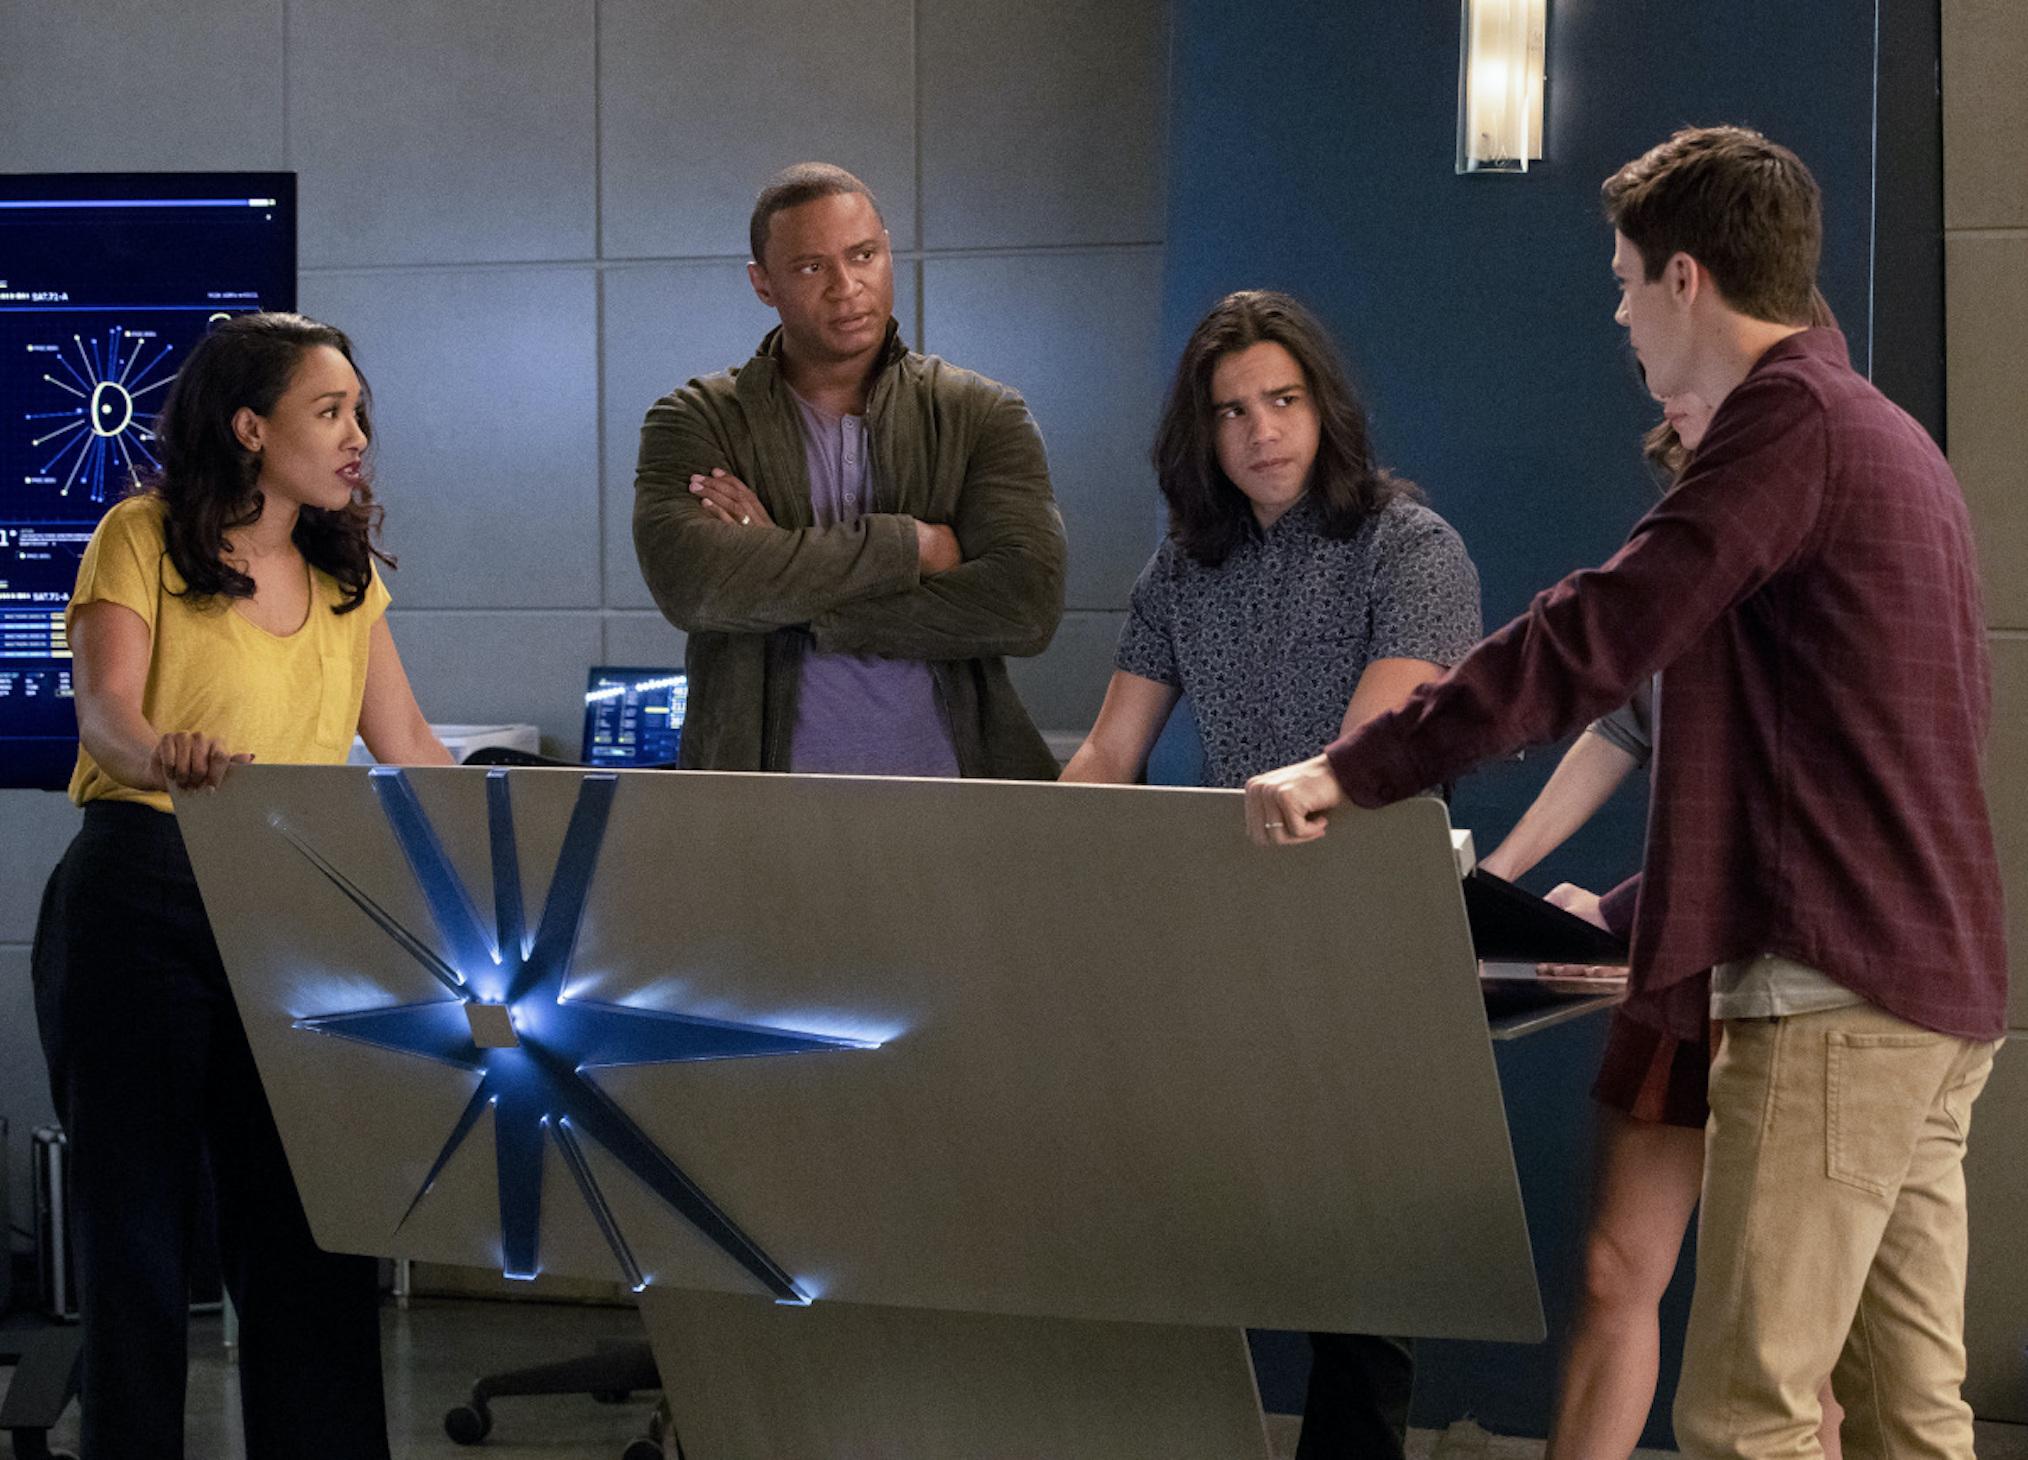 David Ramsey The Flash Season 4 John Diggle